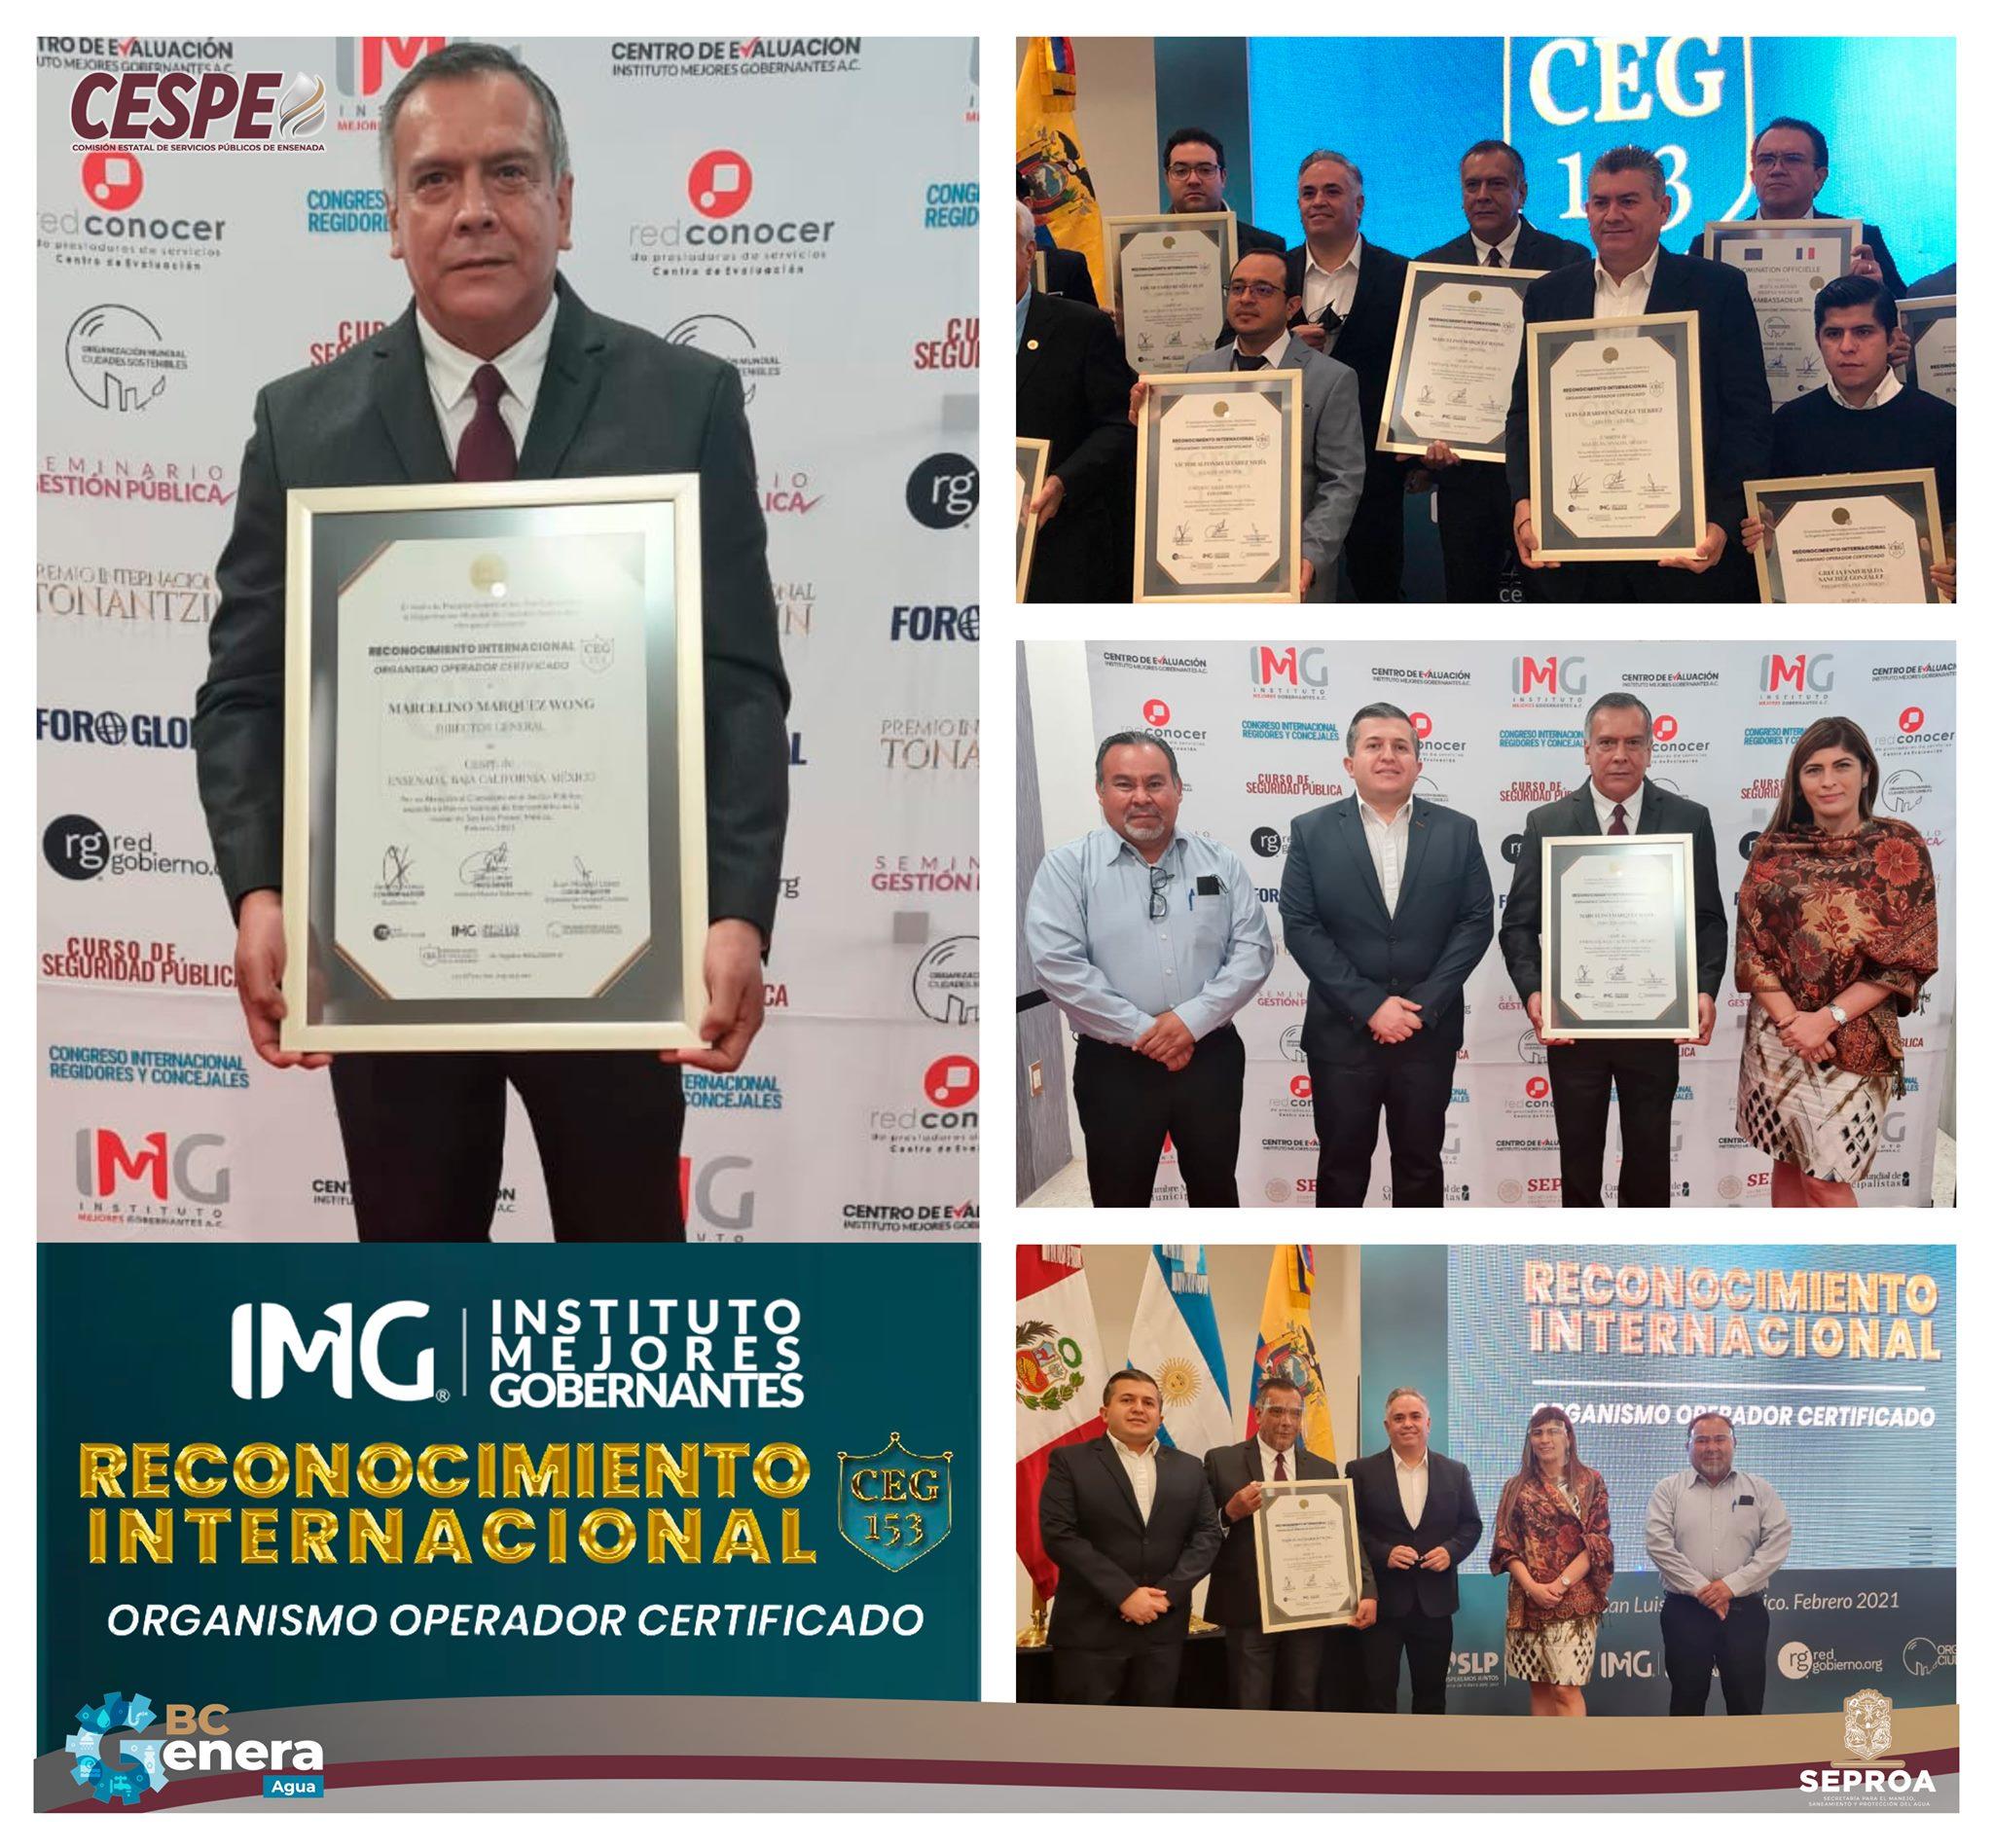 Reconocen internacionalmente a Marcelino Márquez Wong, Director General de la #CESPE, por haber dado vuelta a la página del suministro de agua y saneamiento en Ensenada.